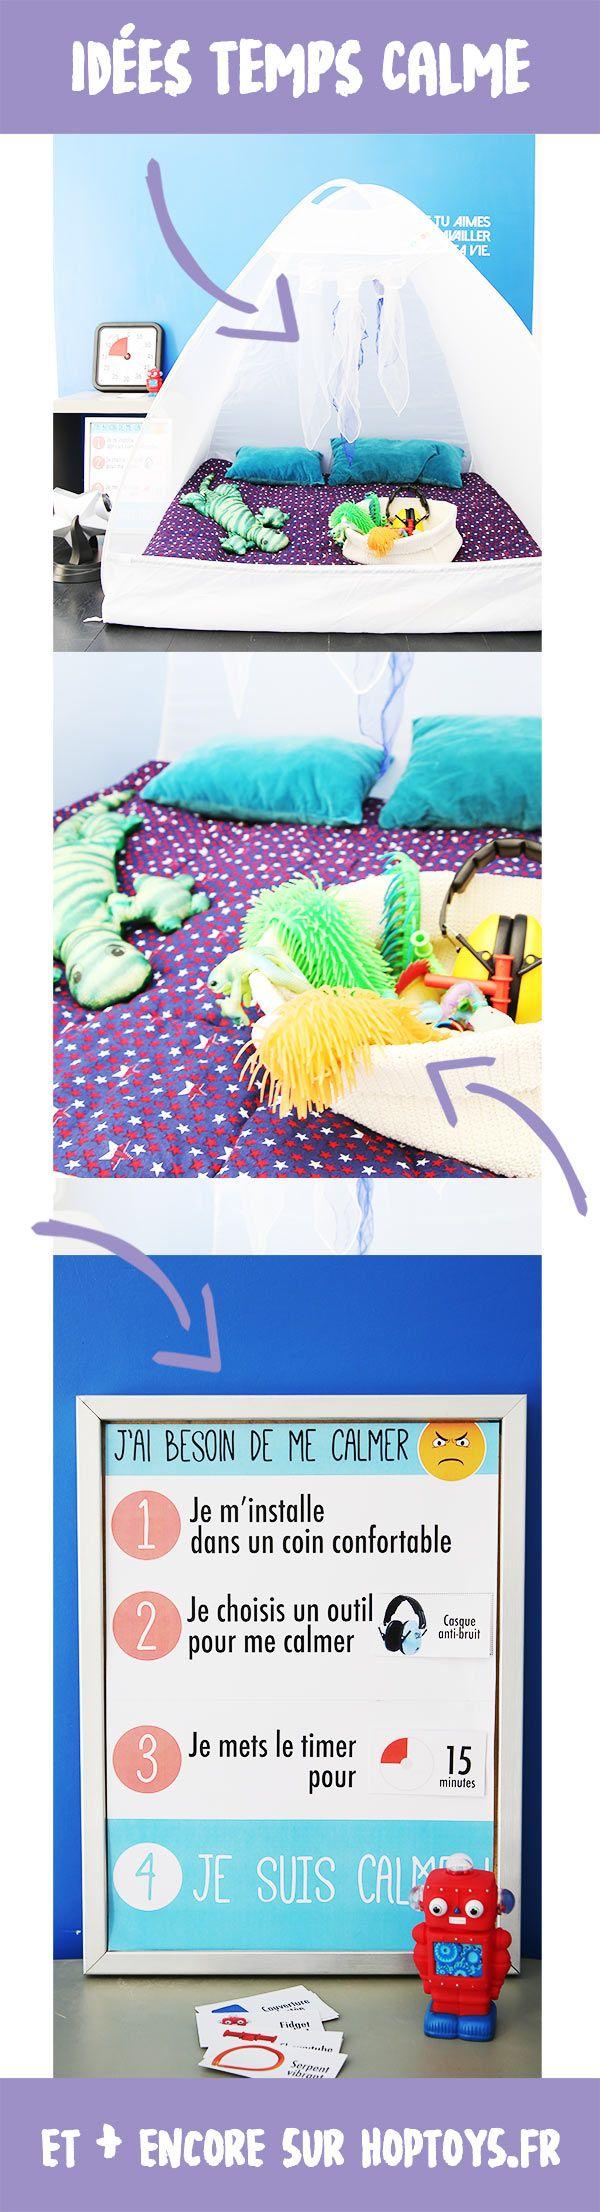 Temps calme : la cabane sensorielle  La cabane sensorielle est idéale pour créer un espace temps calme. Véritable bulle dédiée à la relaxation, elle permet à l'enfant de se mettre dans un cocon de bien-être. Elle permet de créer un espace refuge où l'enfant va pouvoir se ressourcer pour contrôler ses moments de colère.